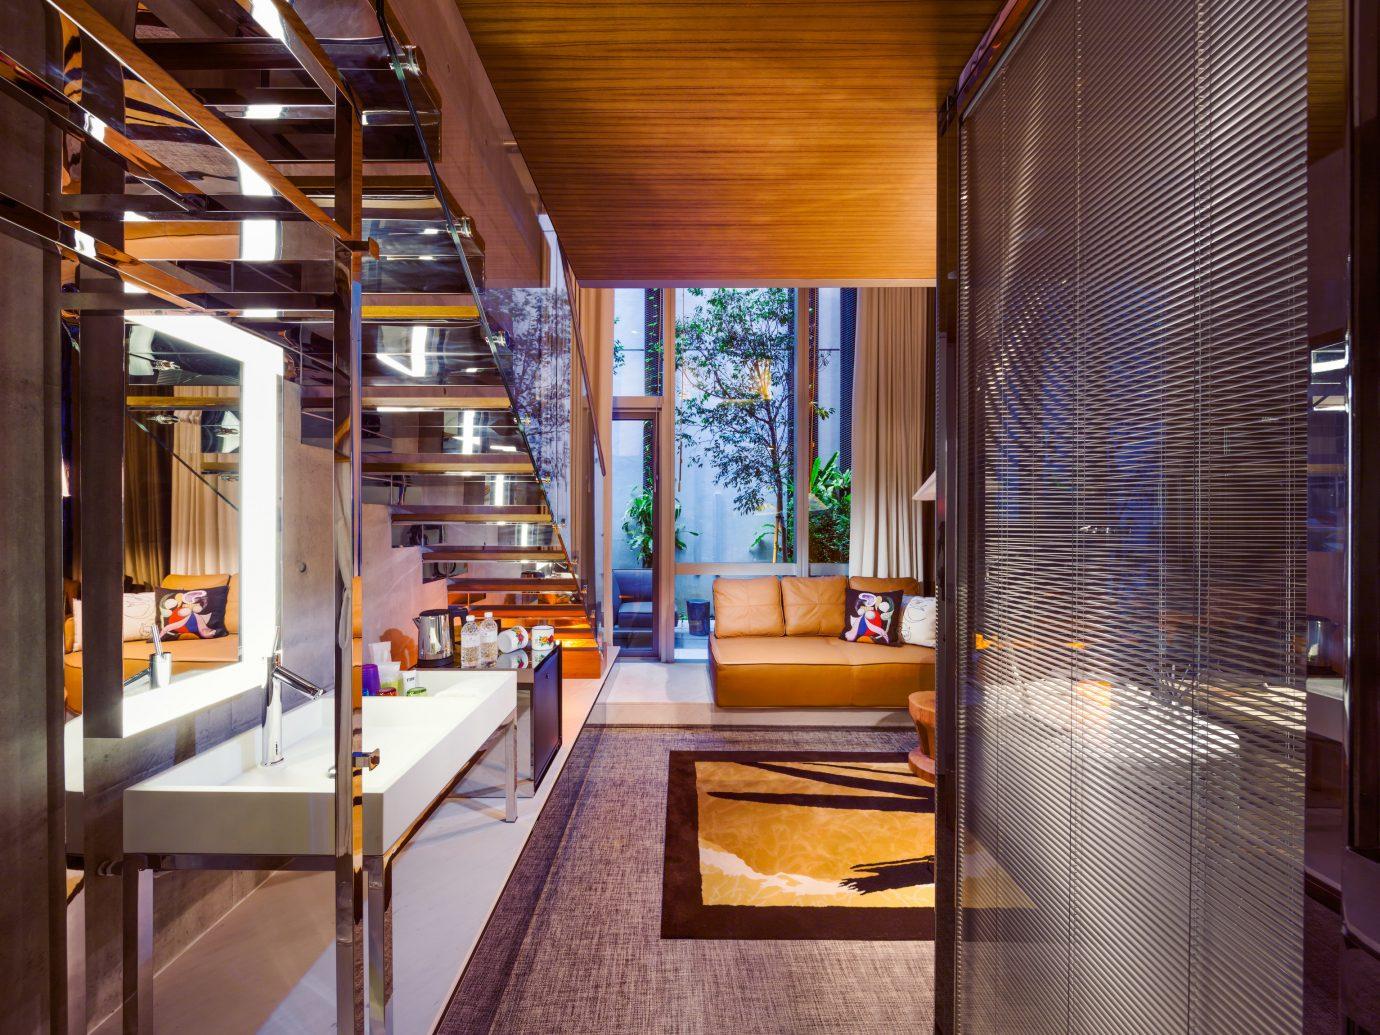 Hotels indoor Lobby room Architecture interior design home estate Design condominium real estate window covering living room